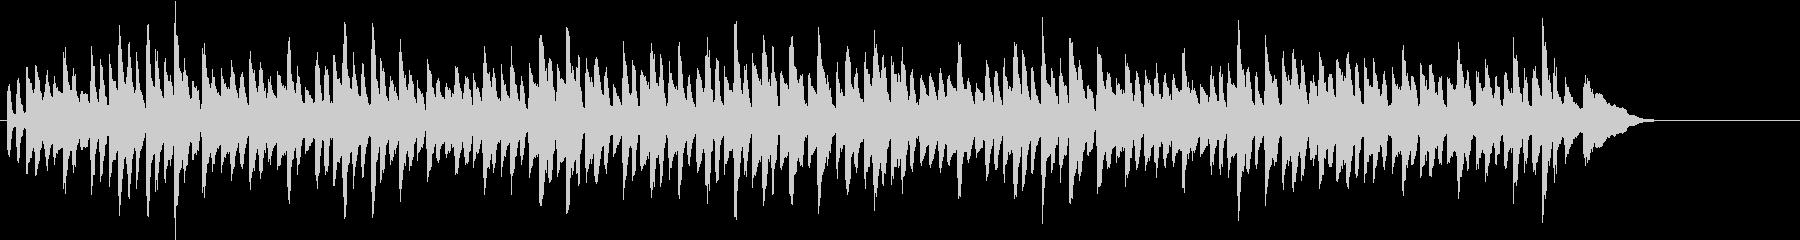 チャイコフスキーのかわいらしいピアノ曲の未再生の波形